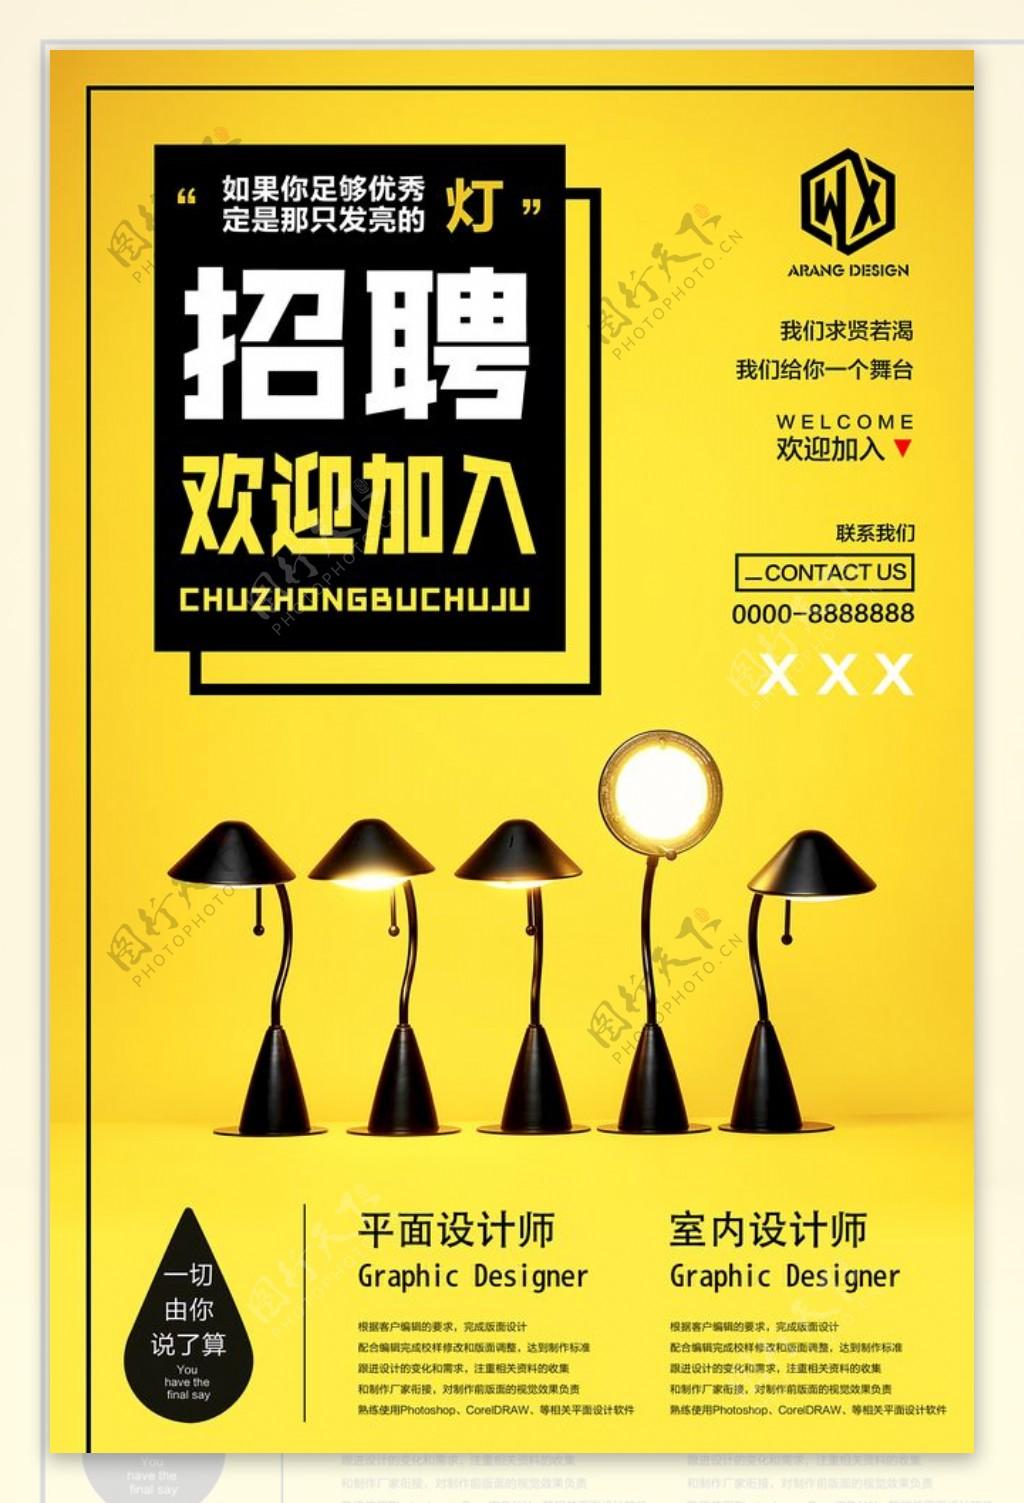 黄色招聘海报背景图片